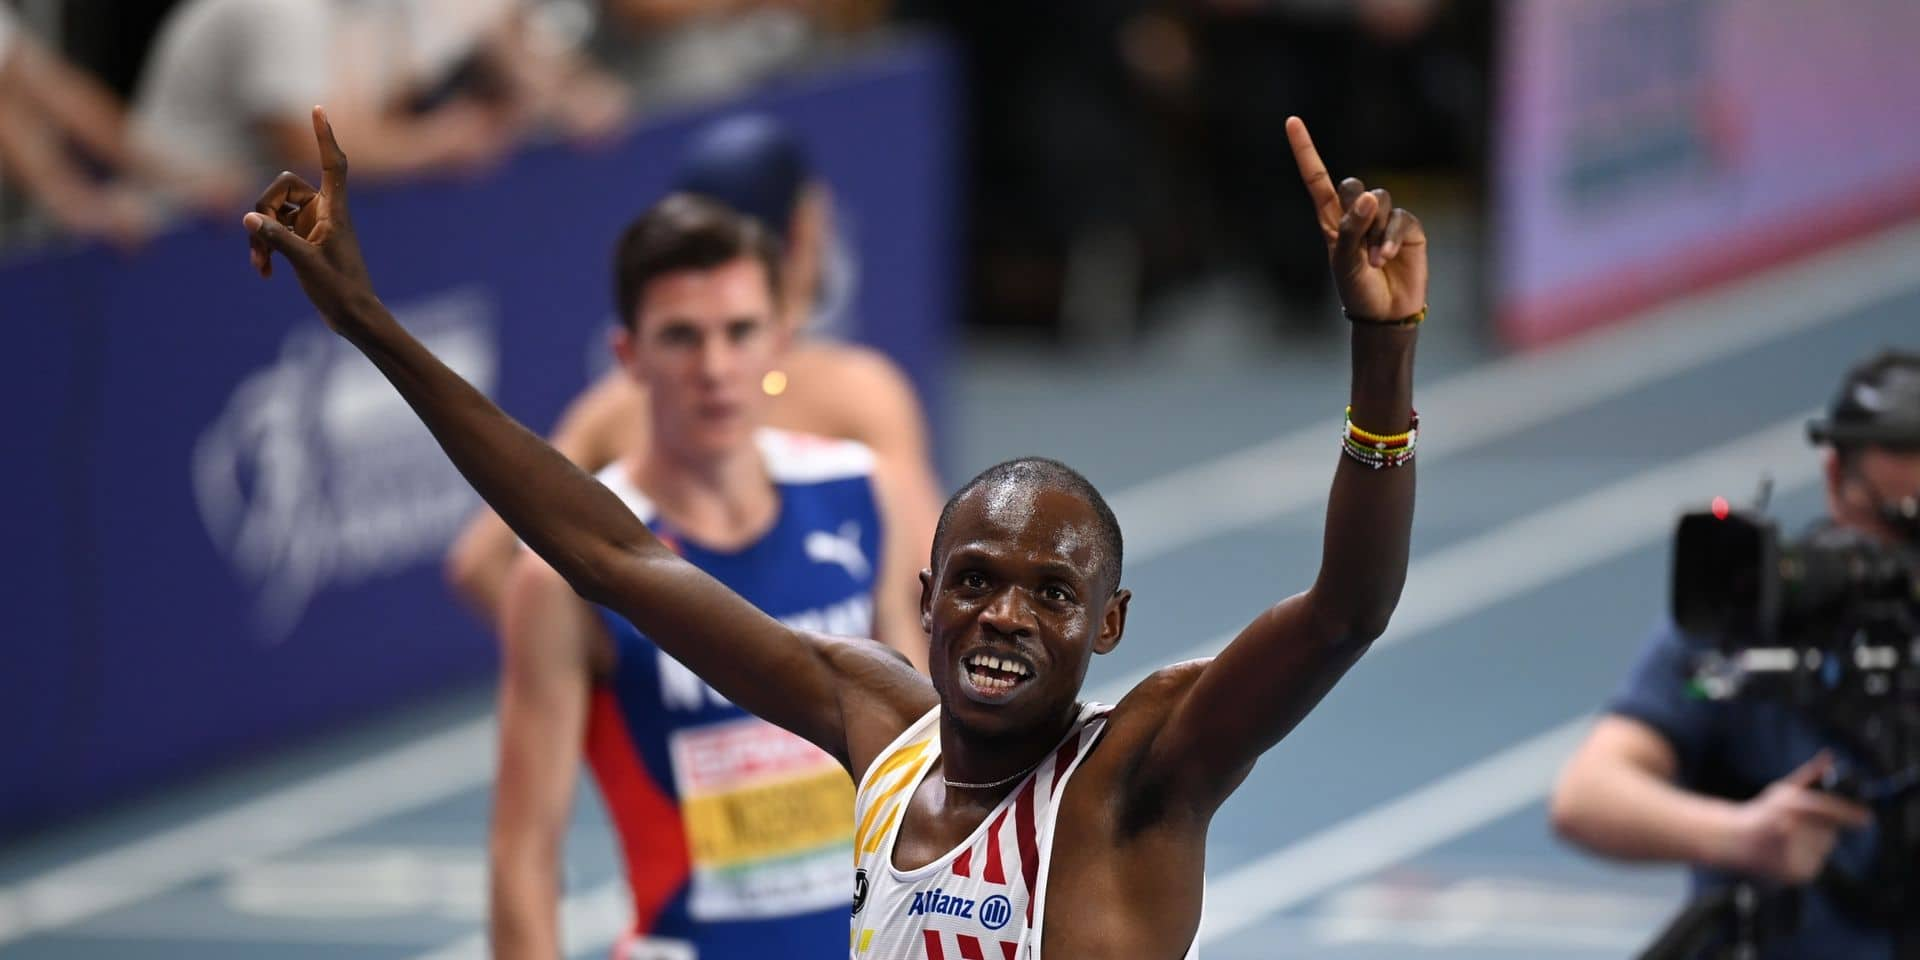 Kimeli médaillé d'argent du 3.000 m, le titre pour Jakob Ingebrigtsen et Robin Hendrix 12e